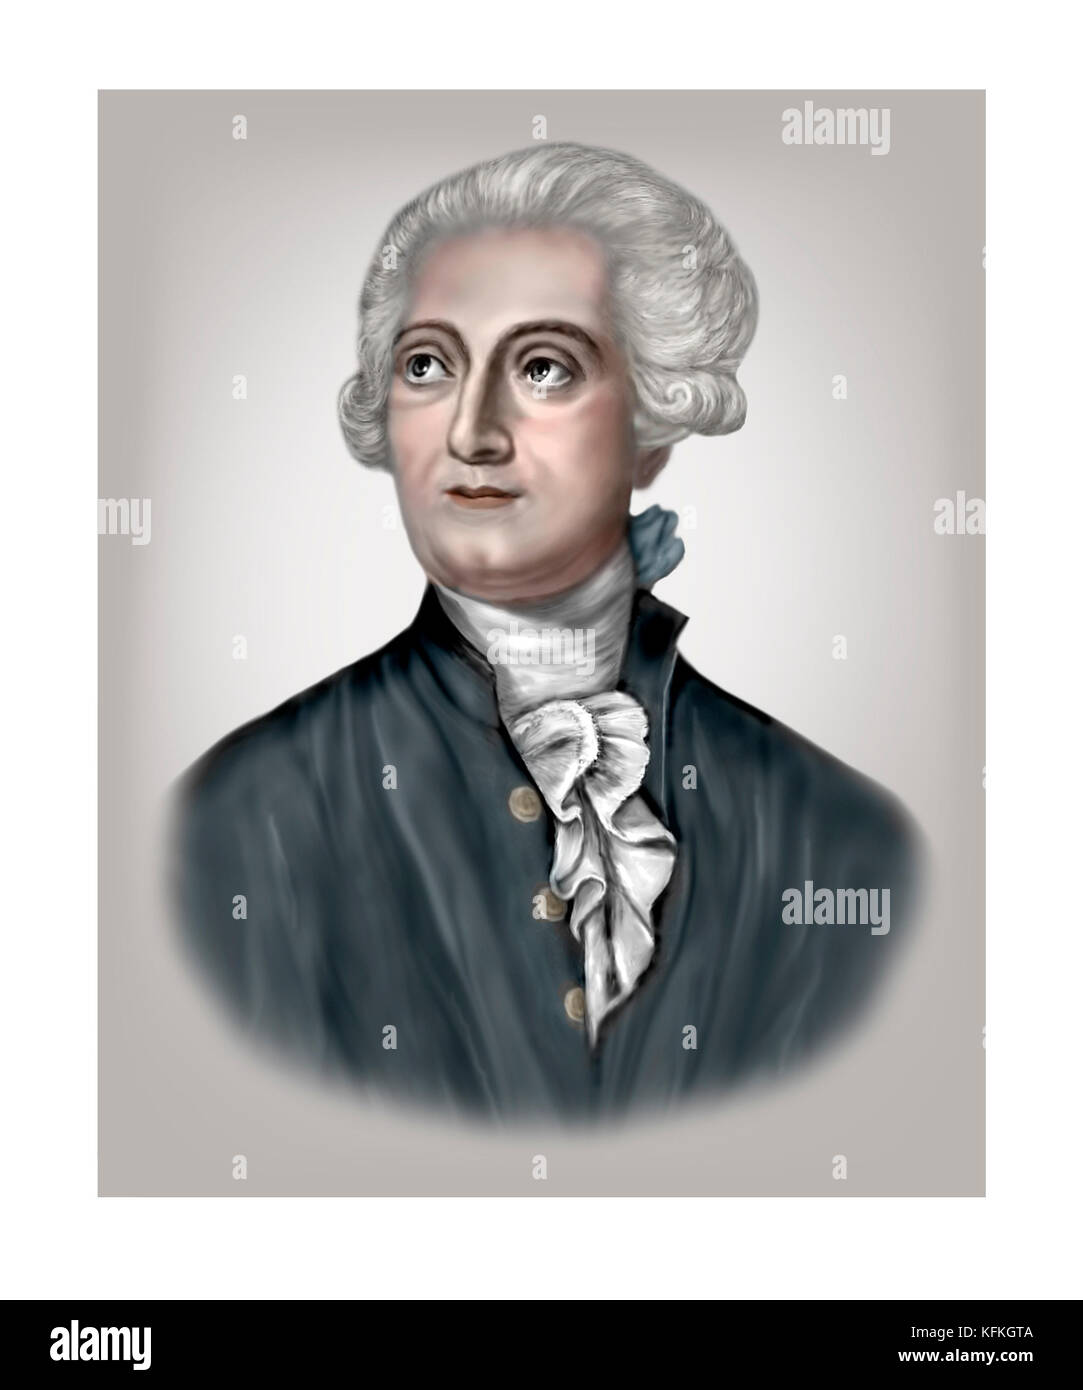 Antoine Lavoisier, 1743 - 1794, French Chemist - Stock Image